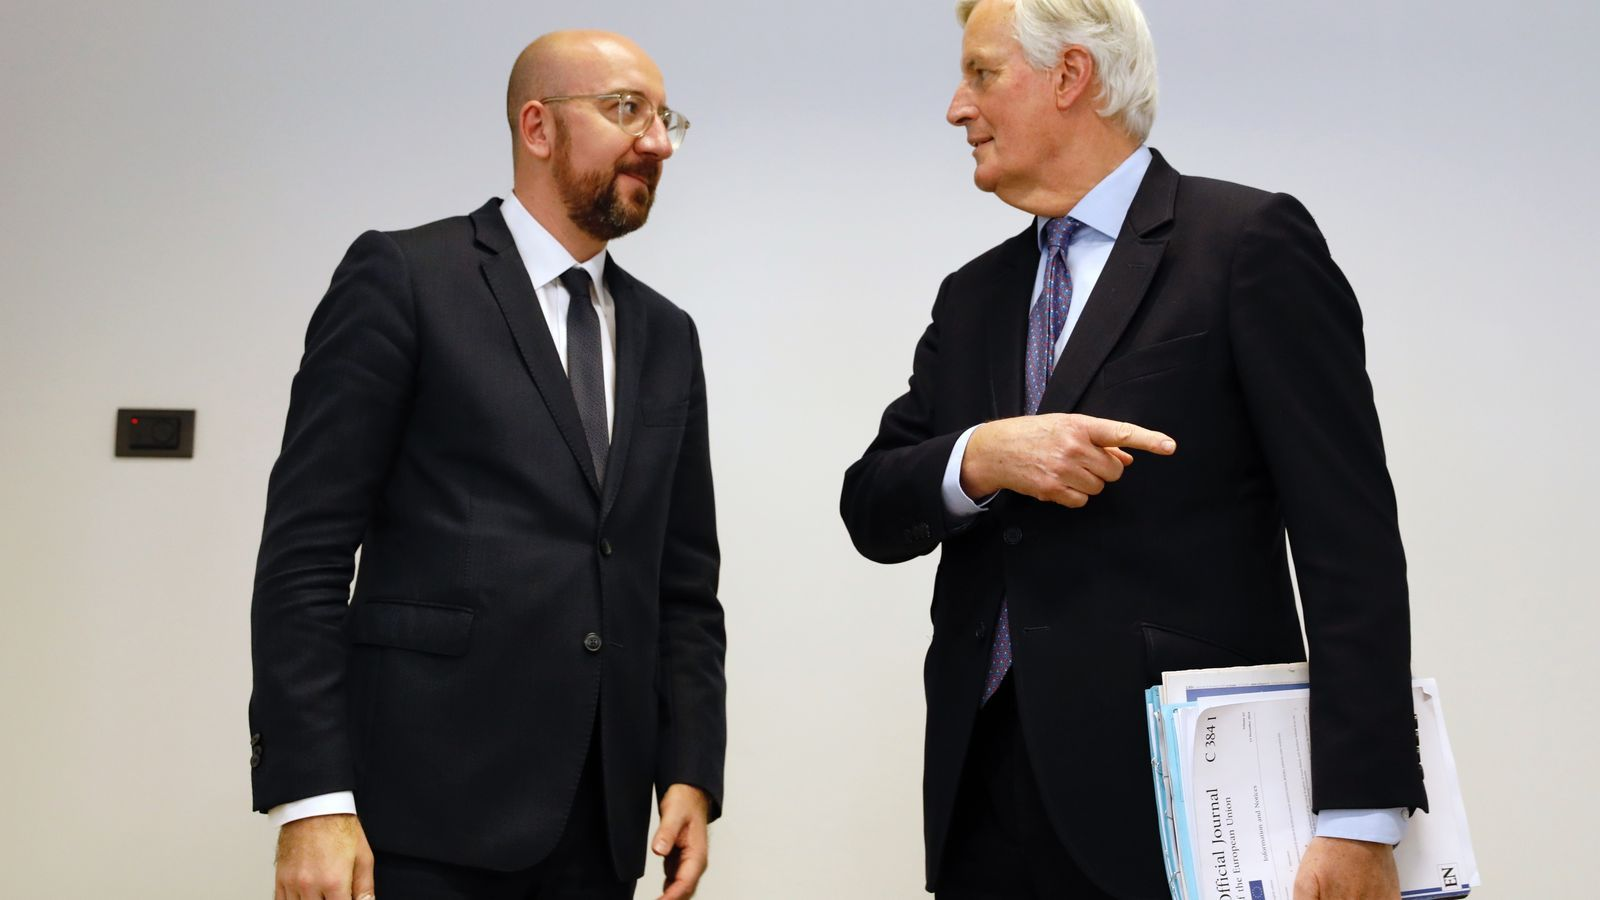 El president del Consell Europeu, Charles Michel, amb el responsable de les negociacions amb el Regne Unit, Michel Barnier.